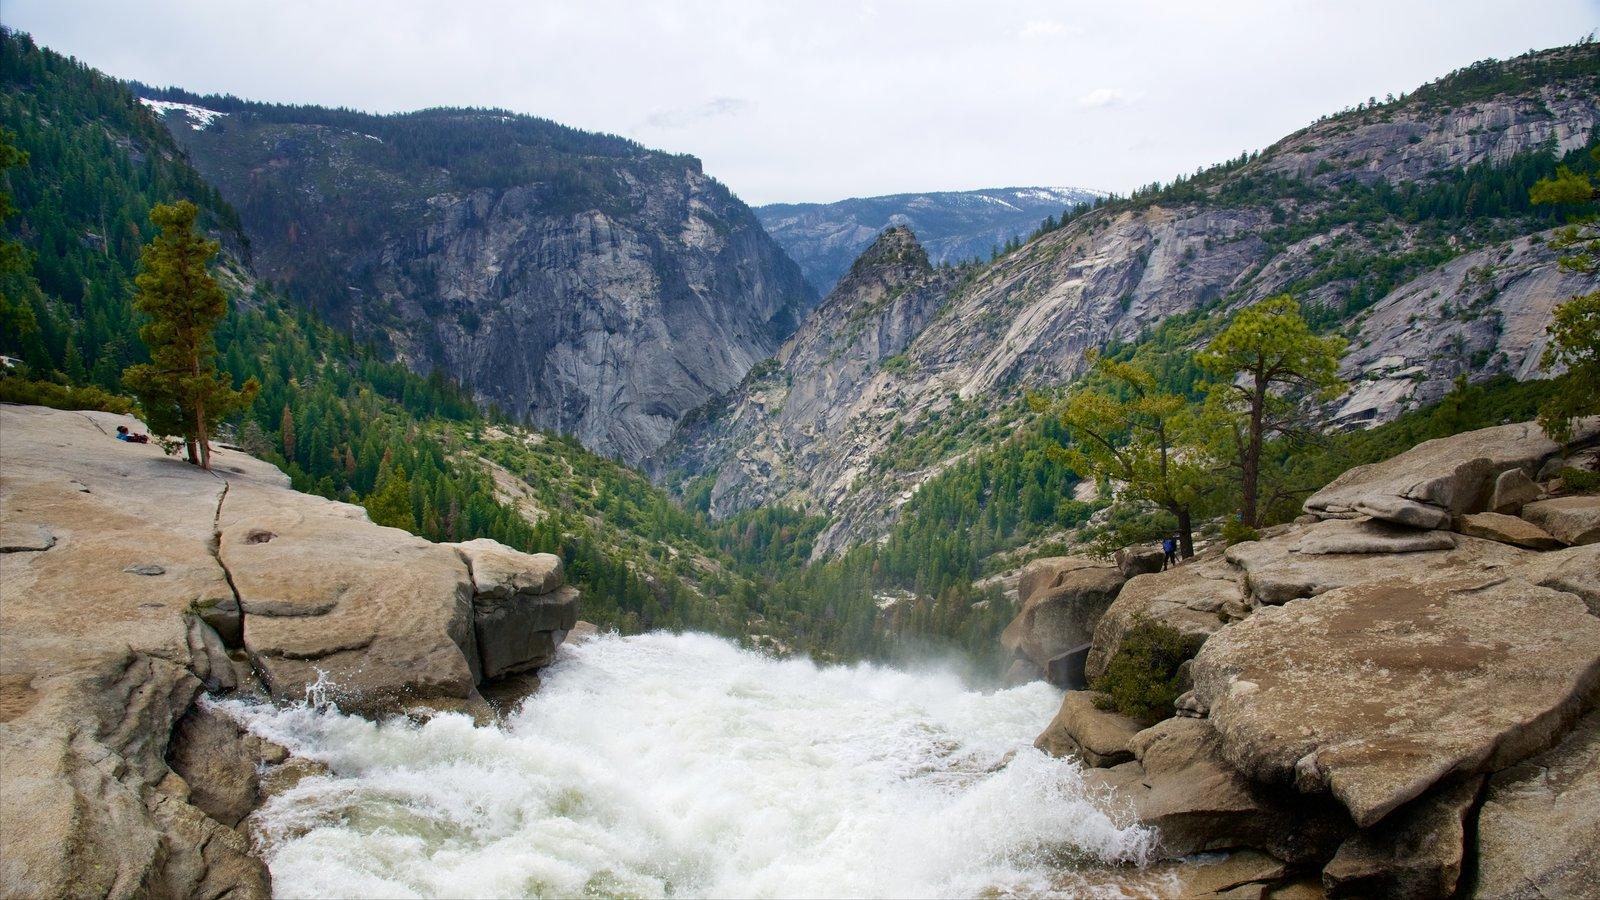 Nevada Falls mostrando cenas de floresta, montanhas e uma cachoeira